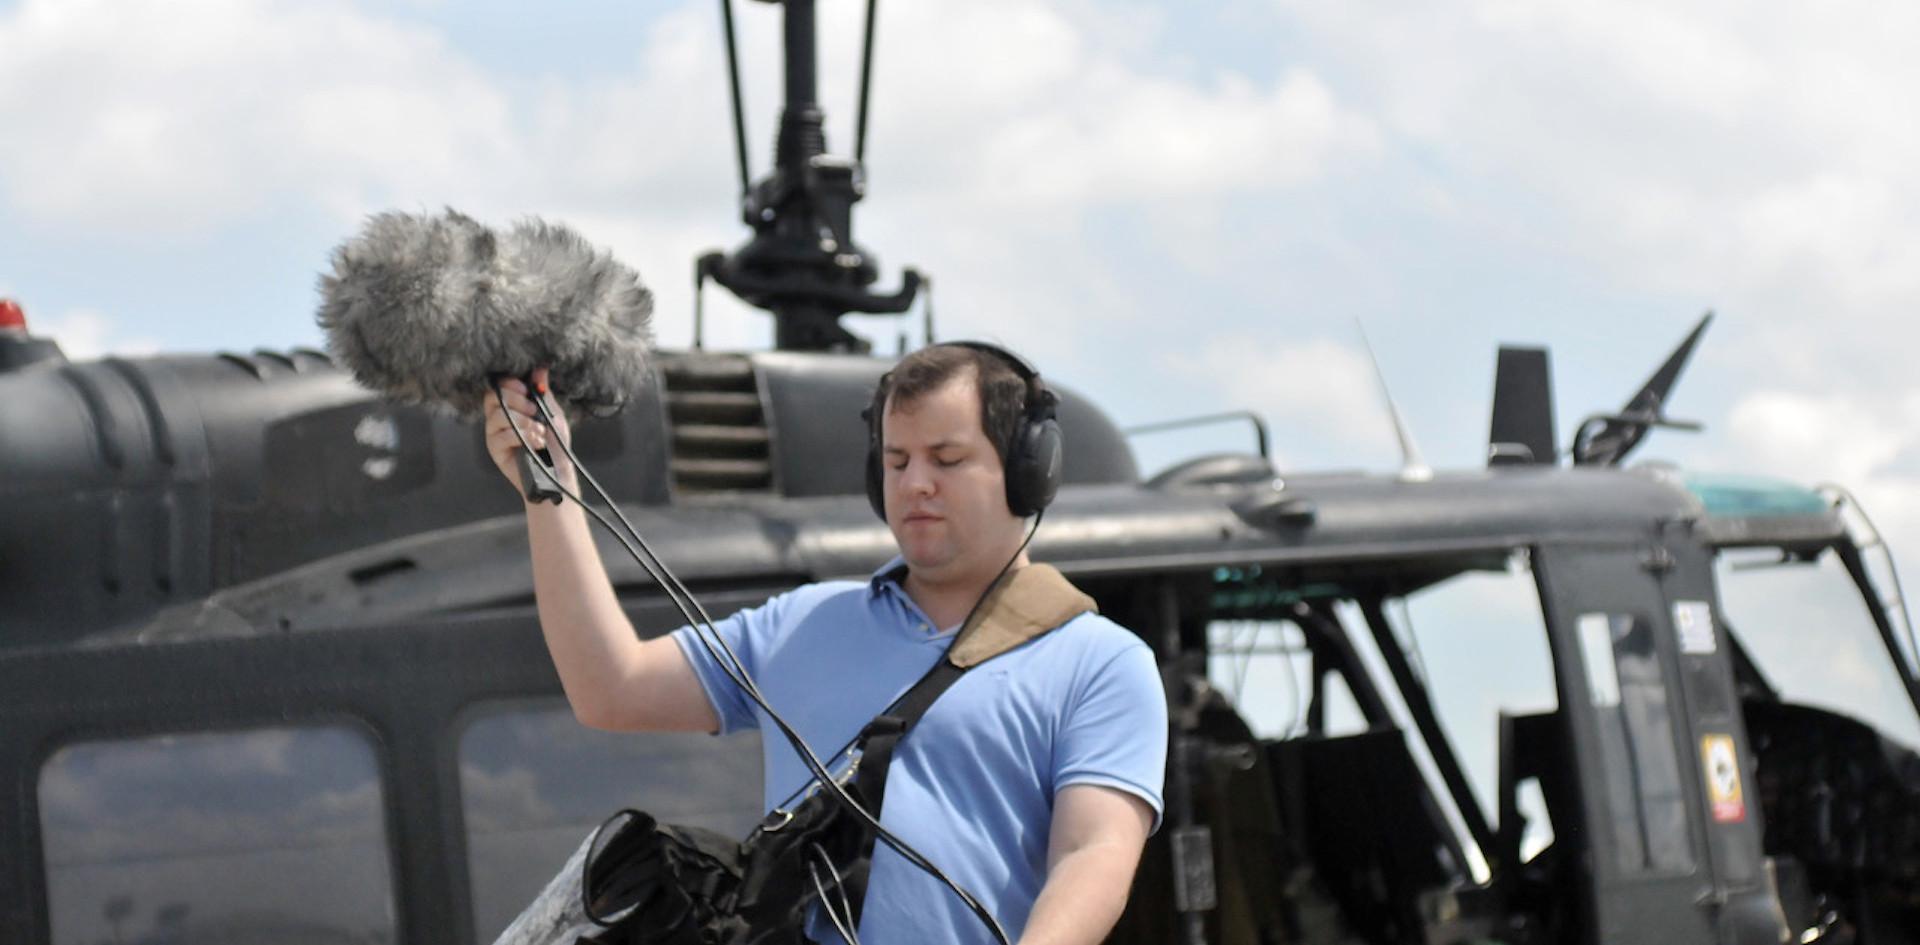 Juan Pablo Culasso grabando helicóptero UH1-H 2018